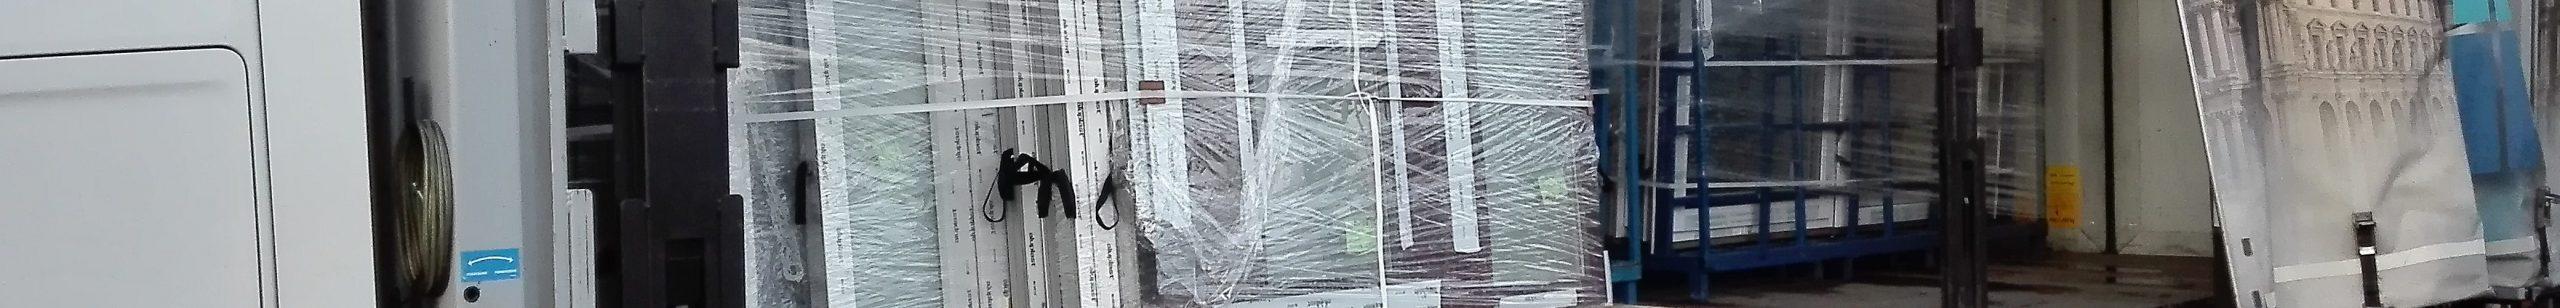 Full Size of Aluplast Fenster Bewertung Test Erfahrungsberichte Testbericht Justieren Und Tren Gnstige Aus Polen Stores Kunststoff Schräge Abdunkeln Schüco Kaufen Online Fenster Aluplast Fenster